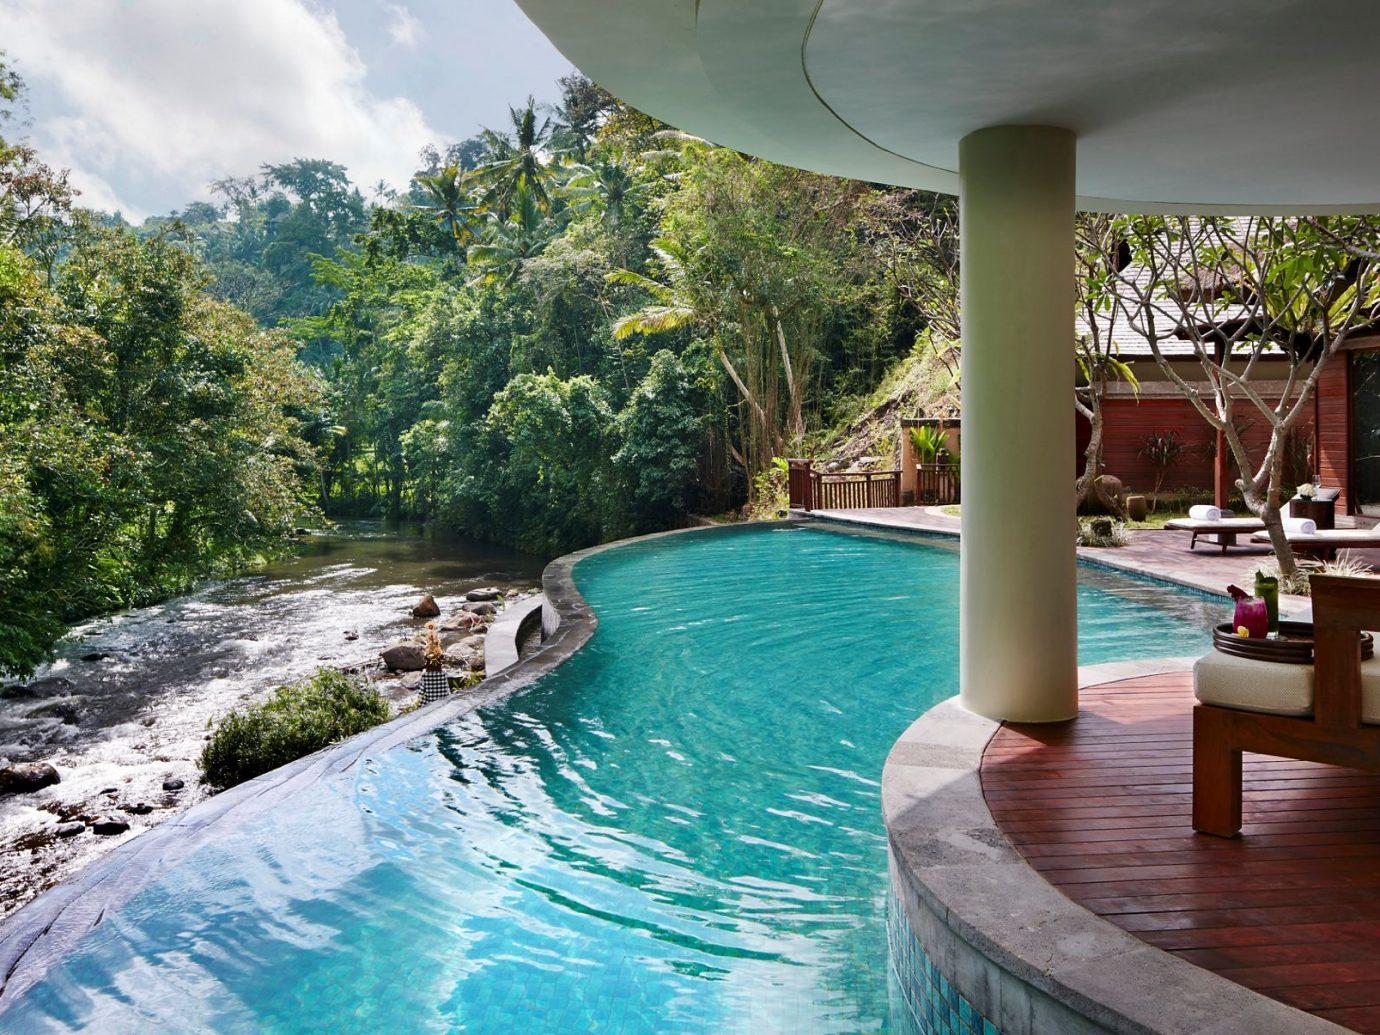 Reserve Two-bedroom Pool Villa at Mandapa, a Ritz Carlton Reserve